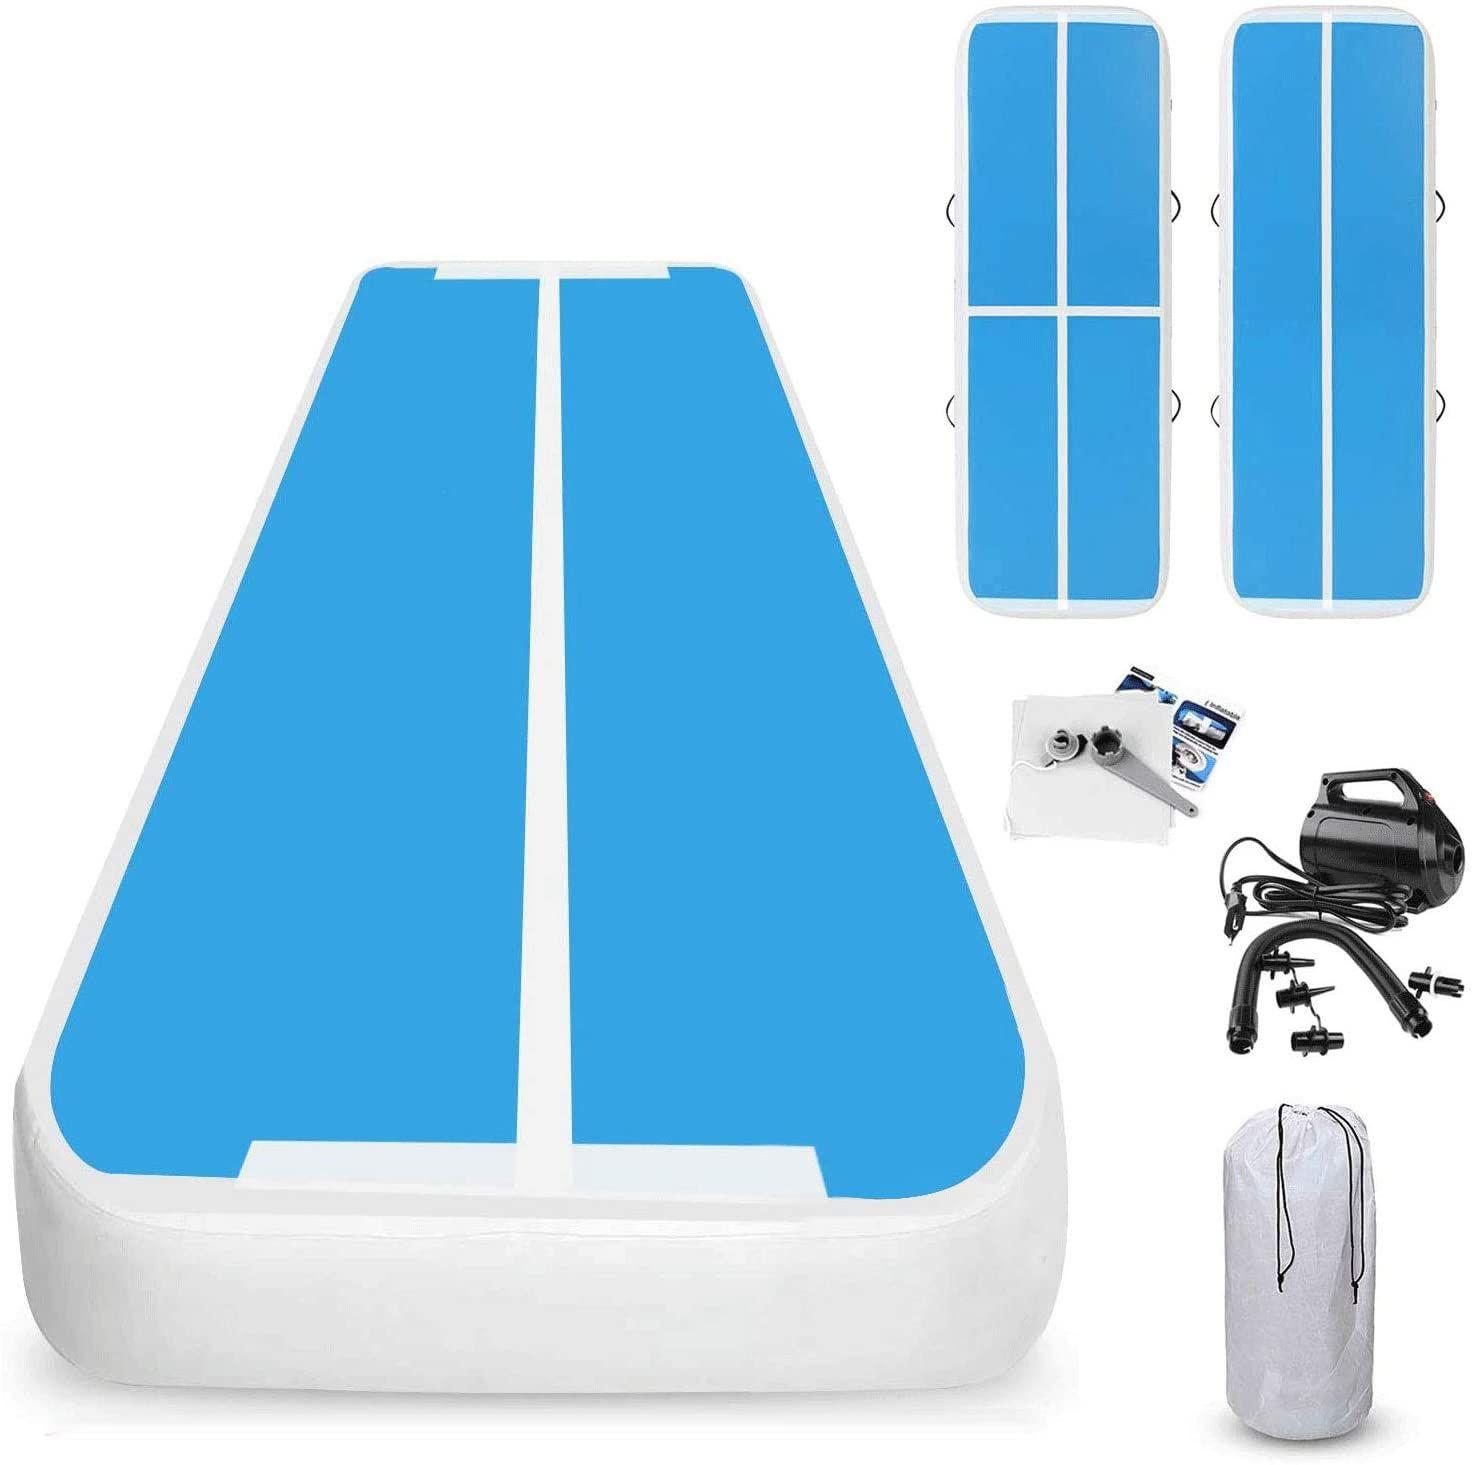 شحن مجاني 3 * 1 * 0.2 متر نفخ airtrack الجمباز تراجع حصيرة الهواء المسار الجمباز معدات الاطفال هدايا